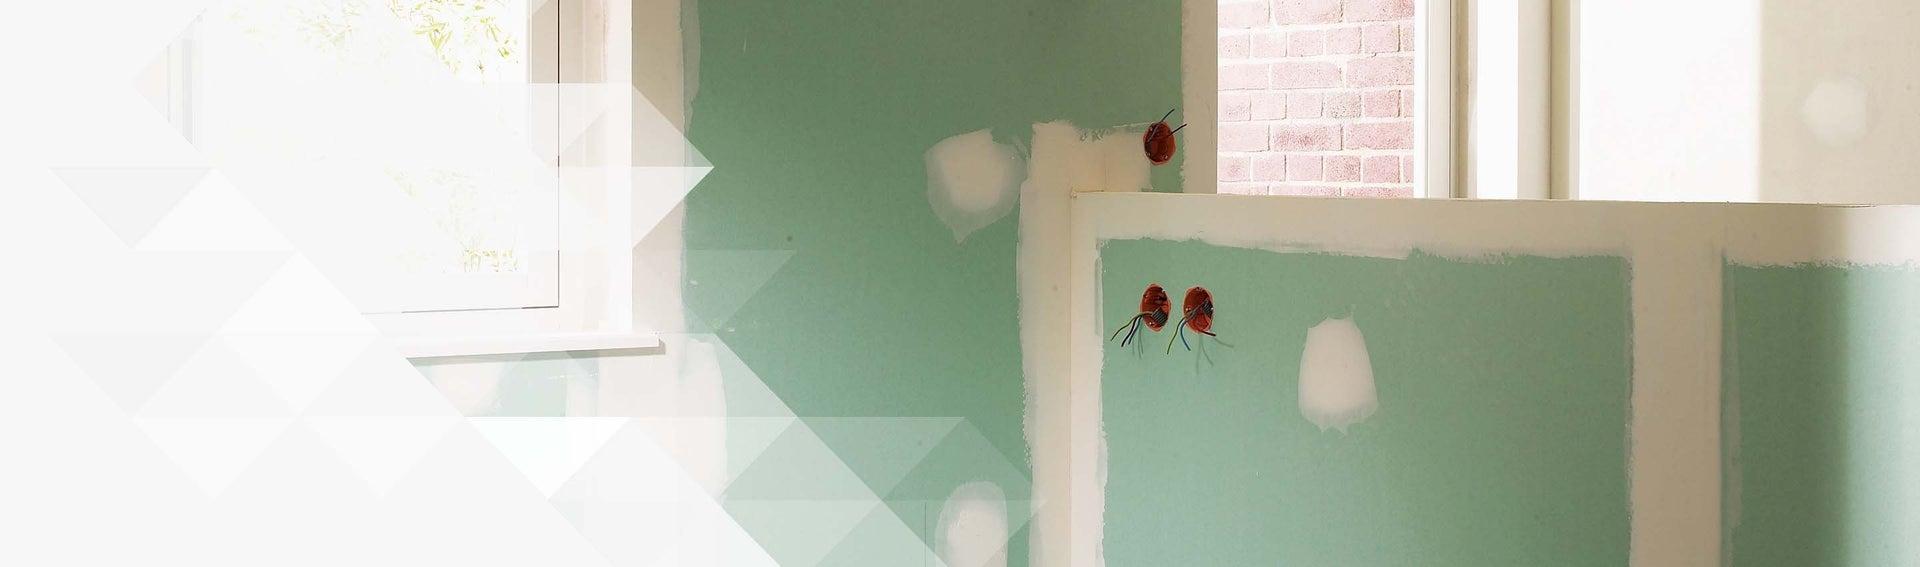 Cloison Hydrofuge Pour Salle De Bain ~ cloison et plafond plaque de pl tre ossature m tallique faux